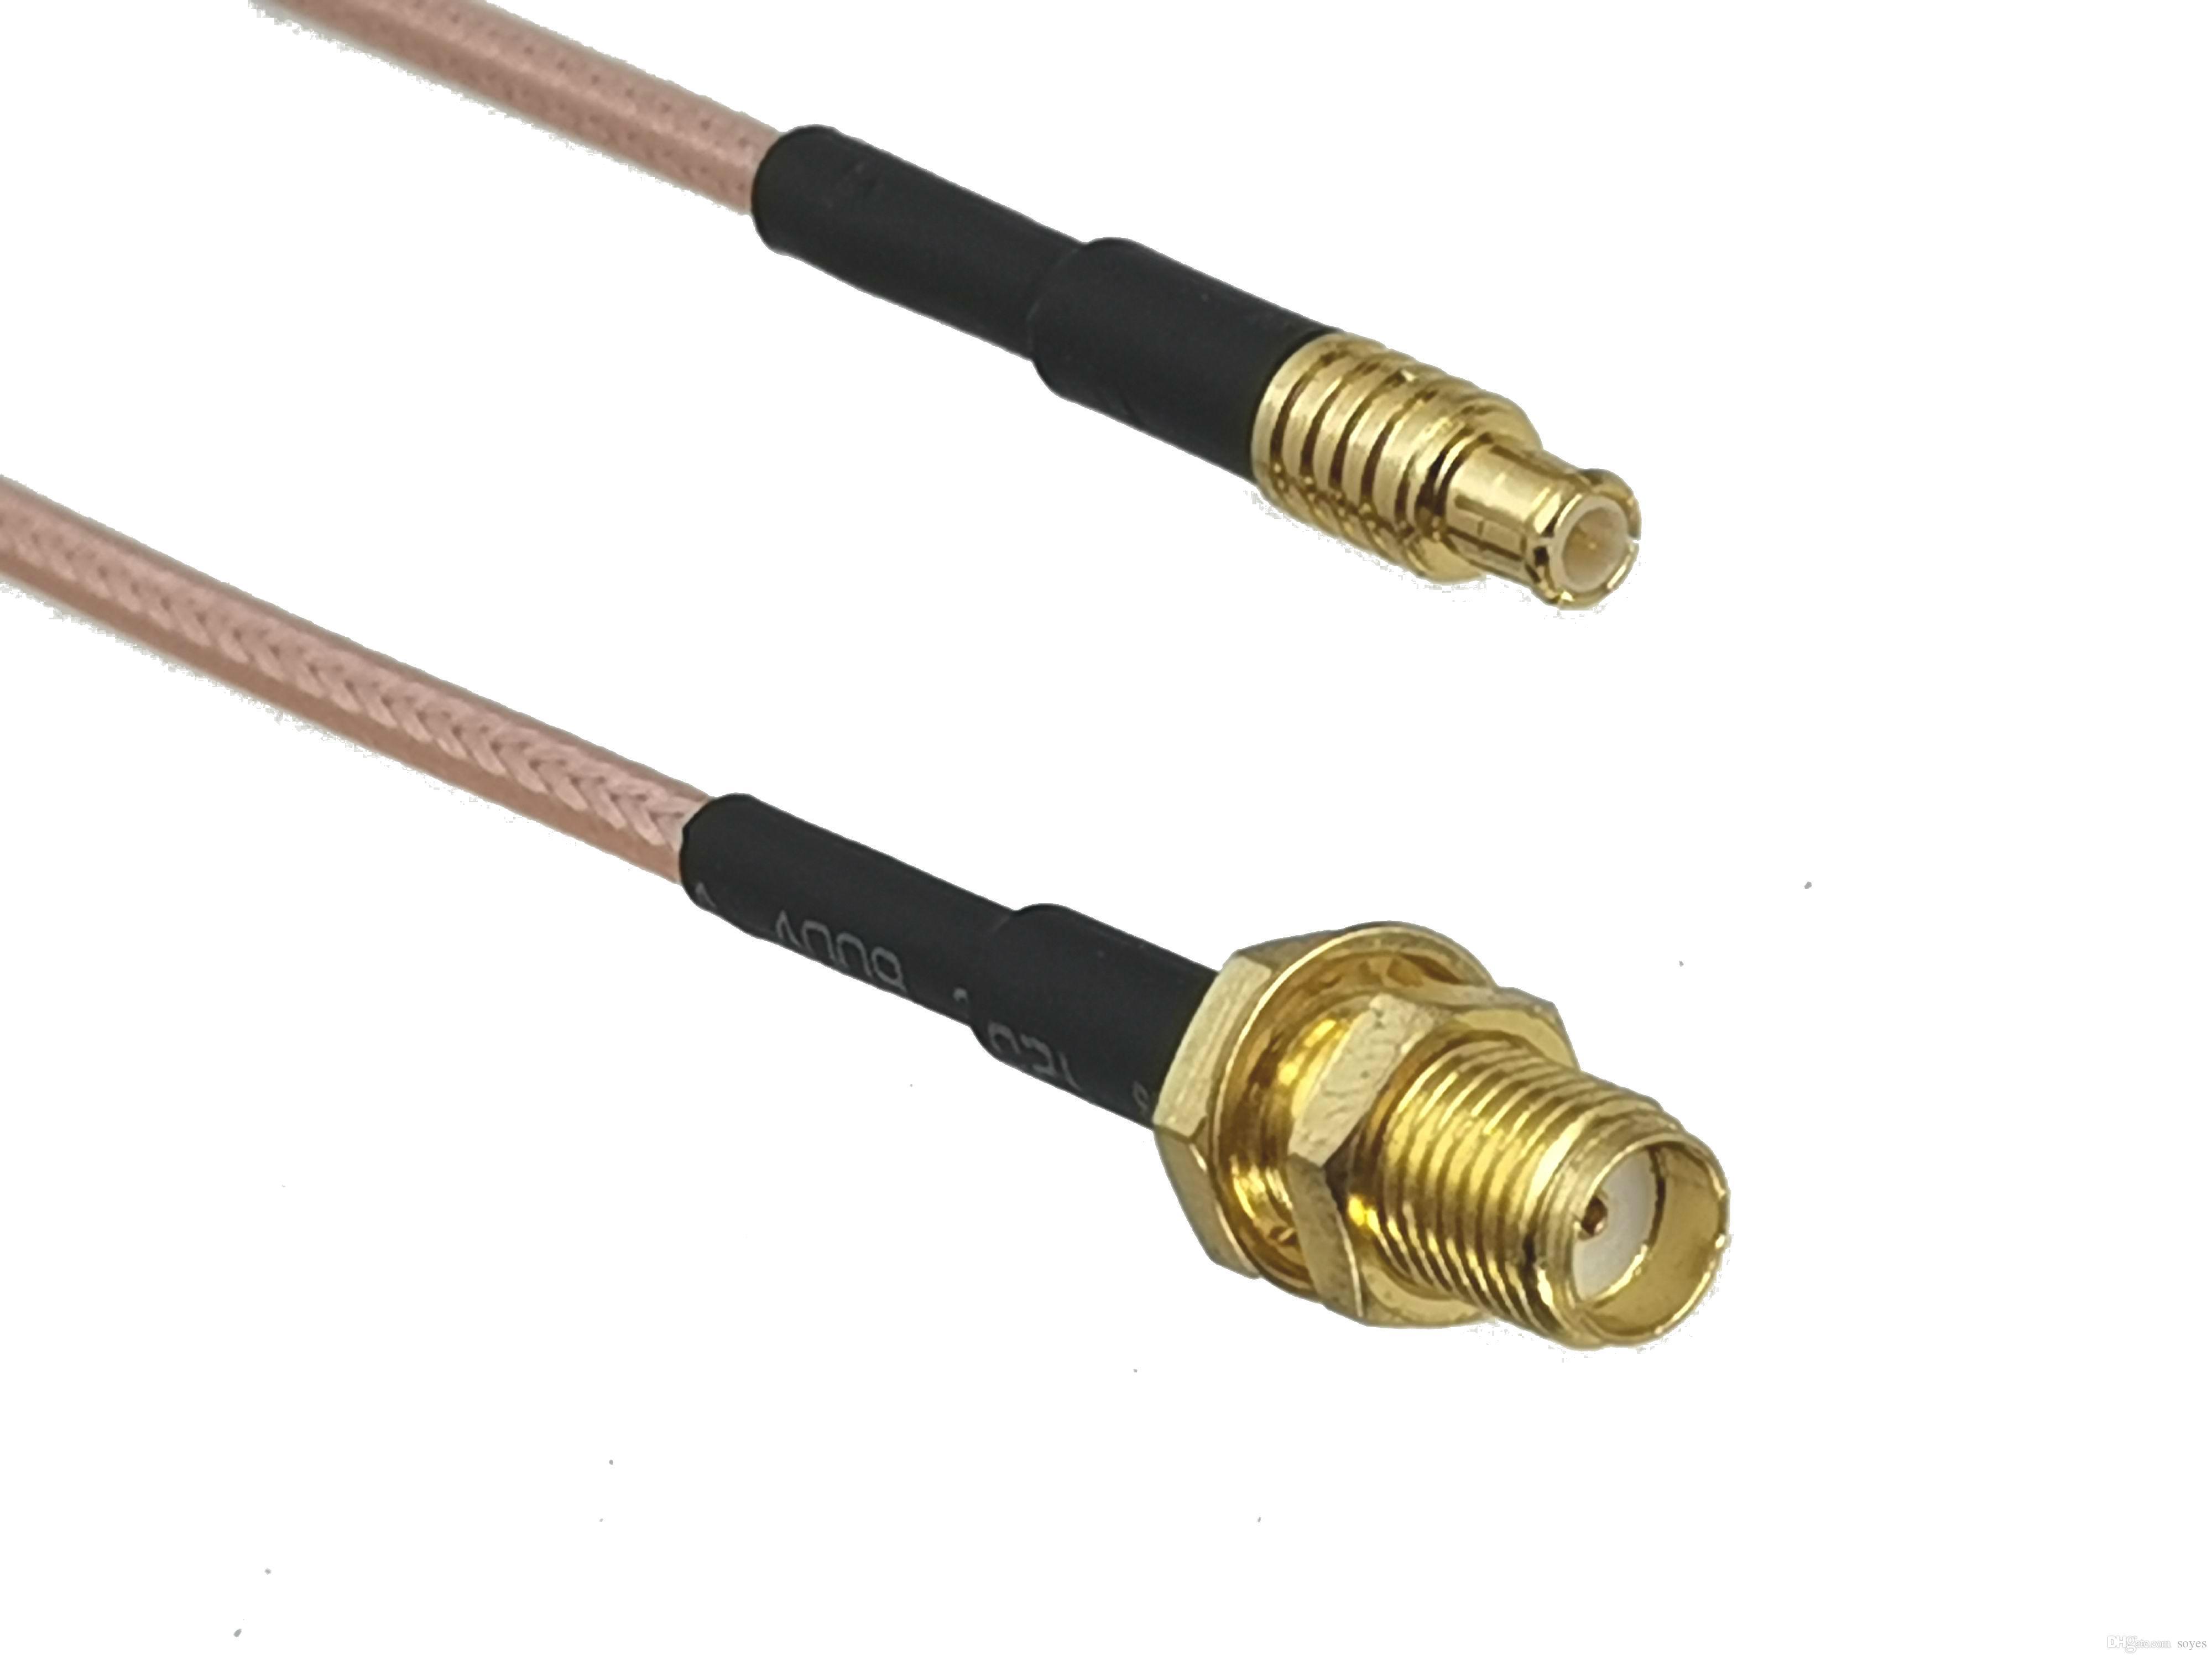 OEM RG316 SMA Mujer Jack Bulkhead a MCX Conector de enchufe masculino Antenas RF Puente coaxial Pigtail Cable para la antena de radio 4 pulgadas ~ 10 m fábrica